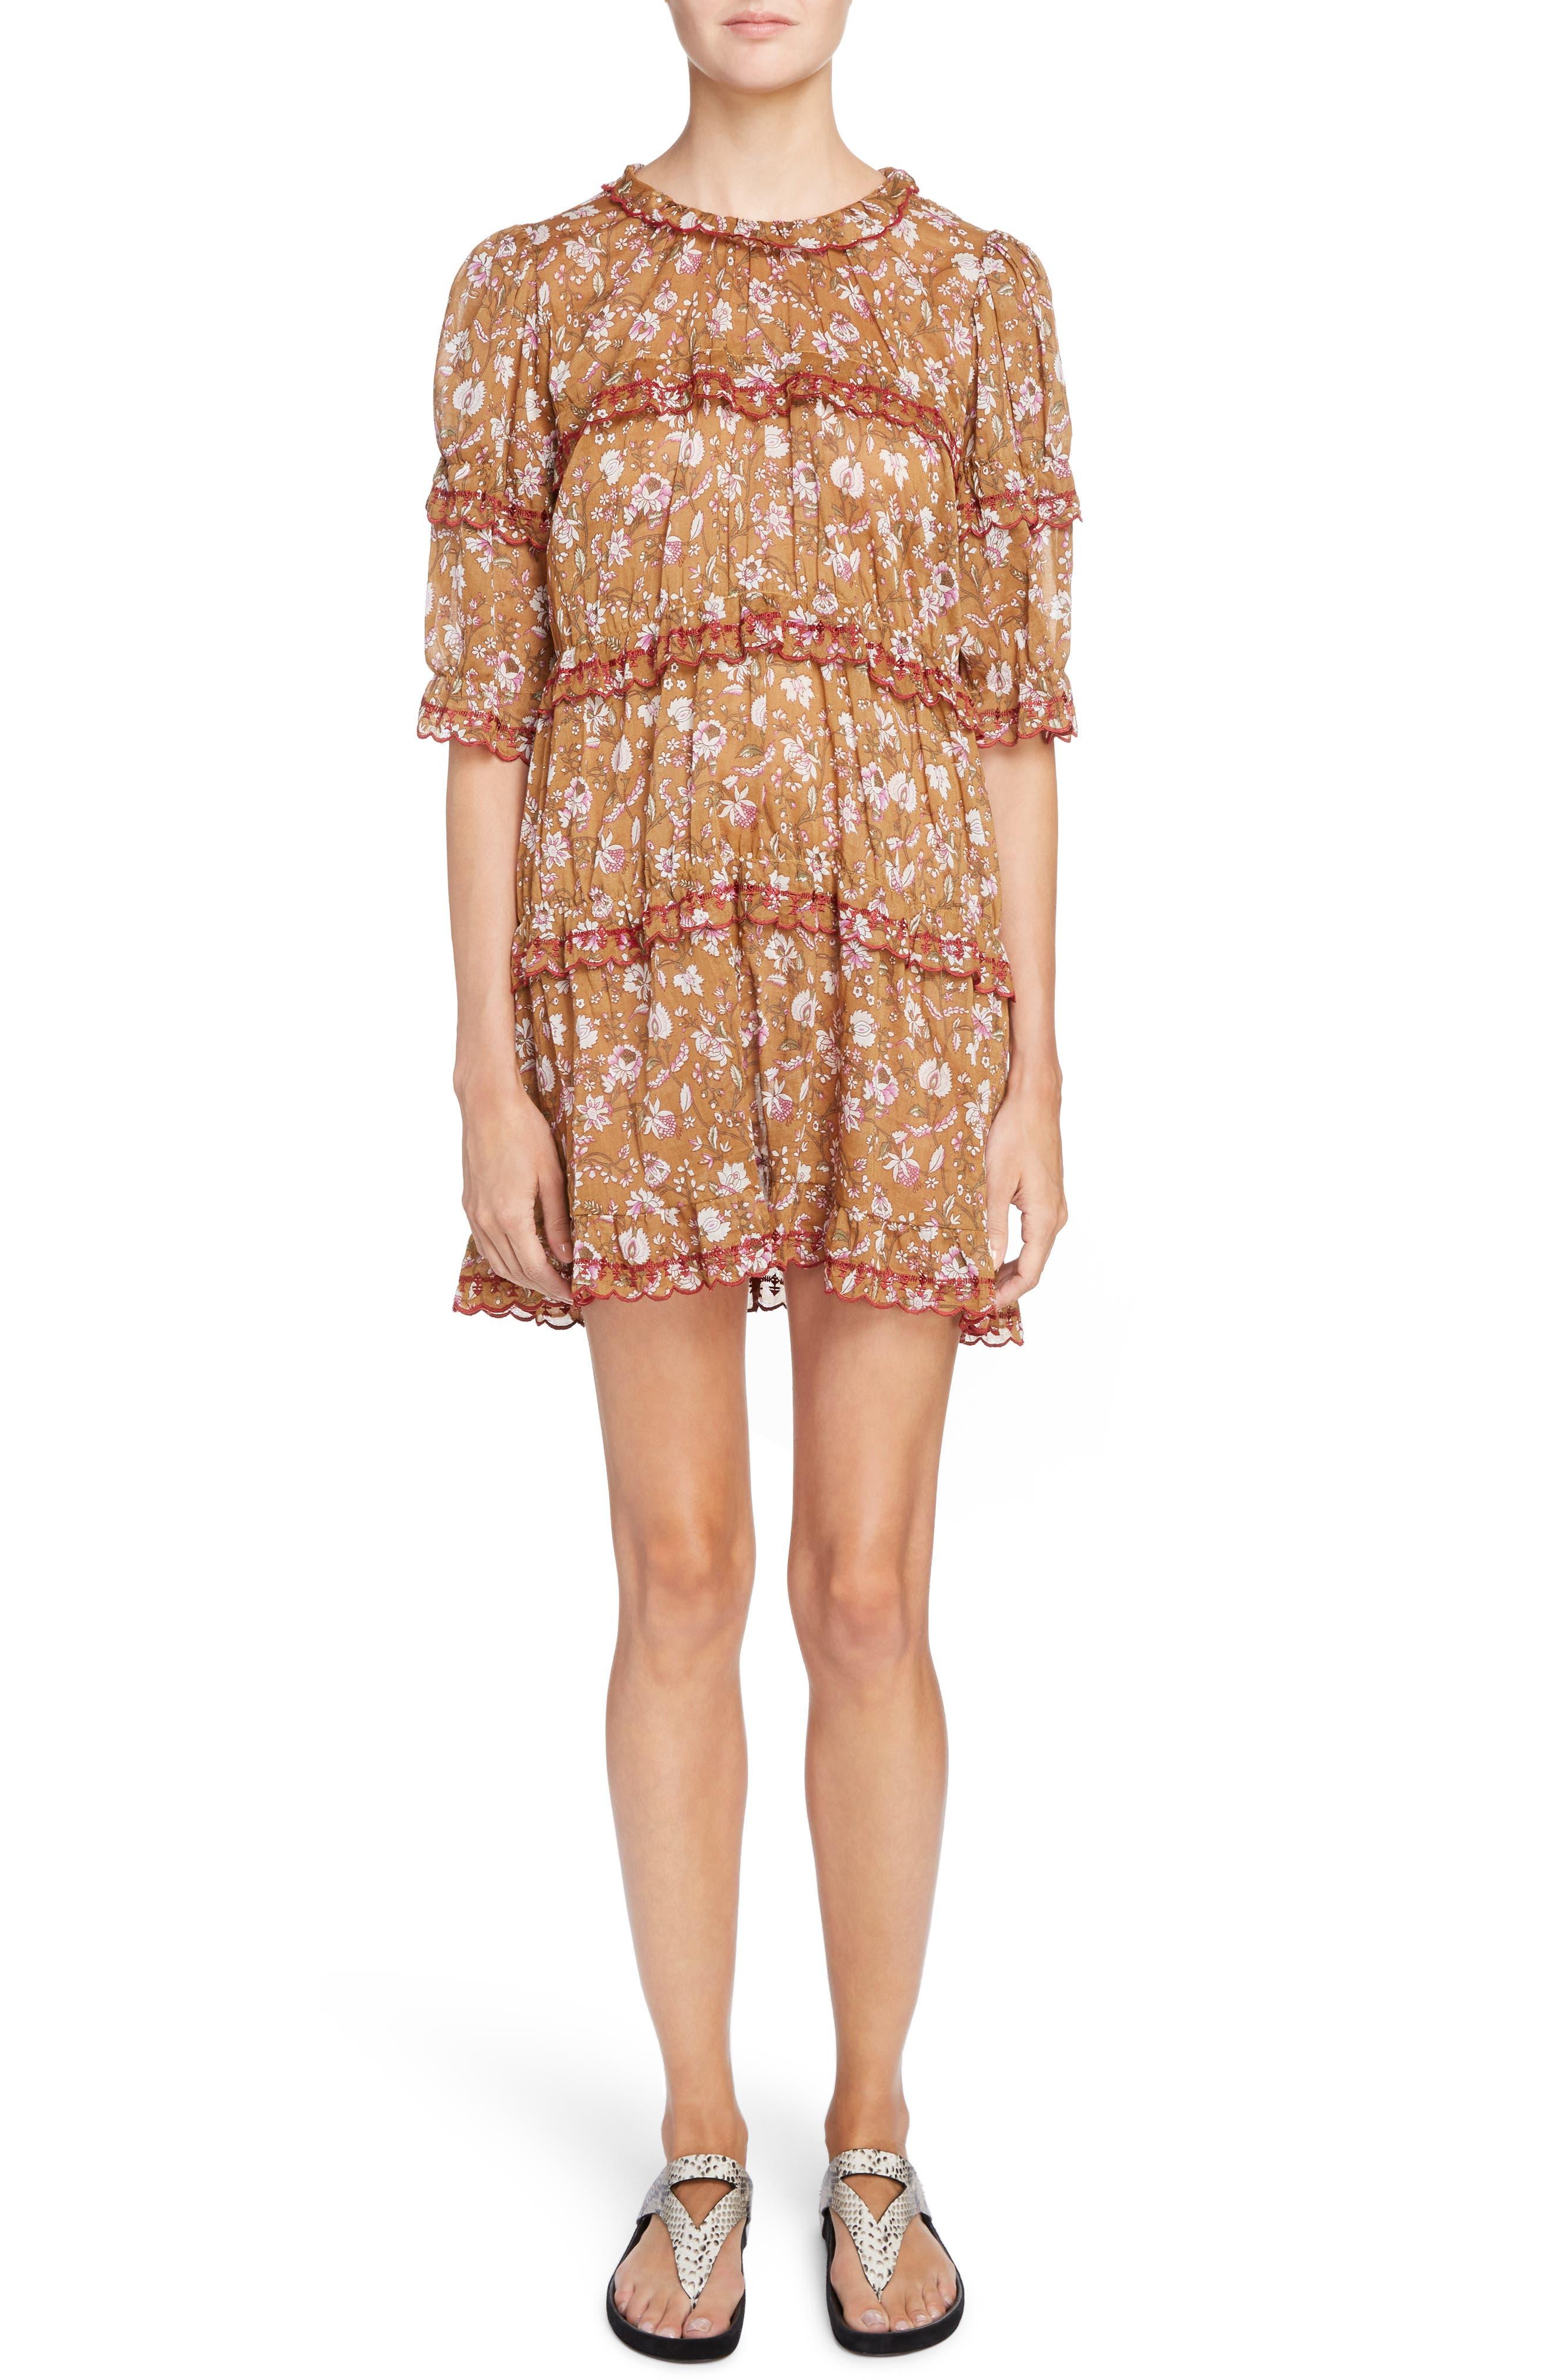 Isabel Marant Étoile Maiwenn Floral Print Cotton Dress,                             Main thumbnail 1, color,                             800